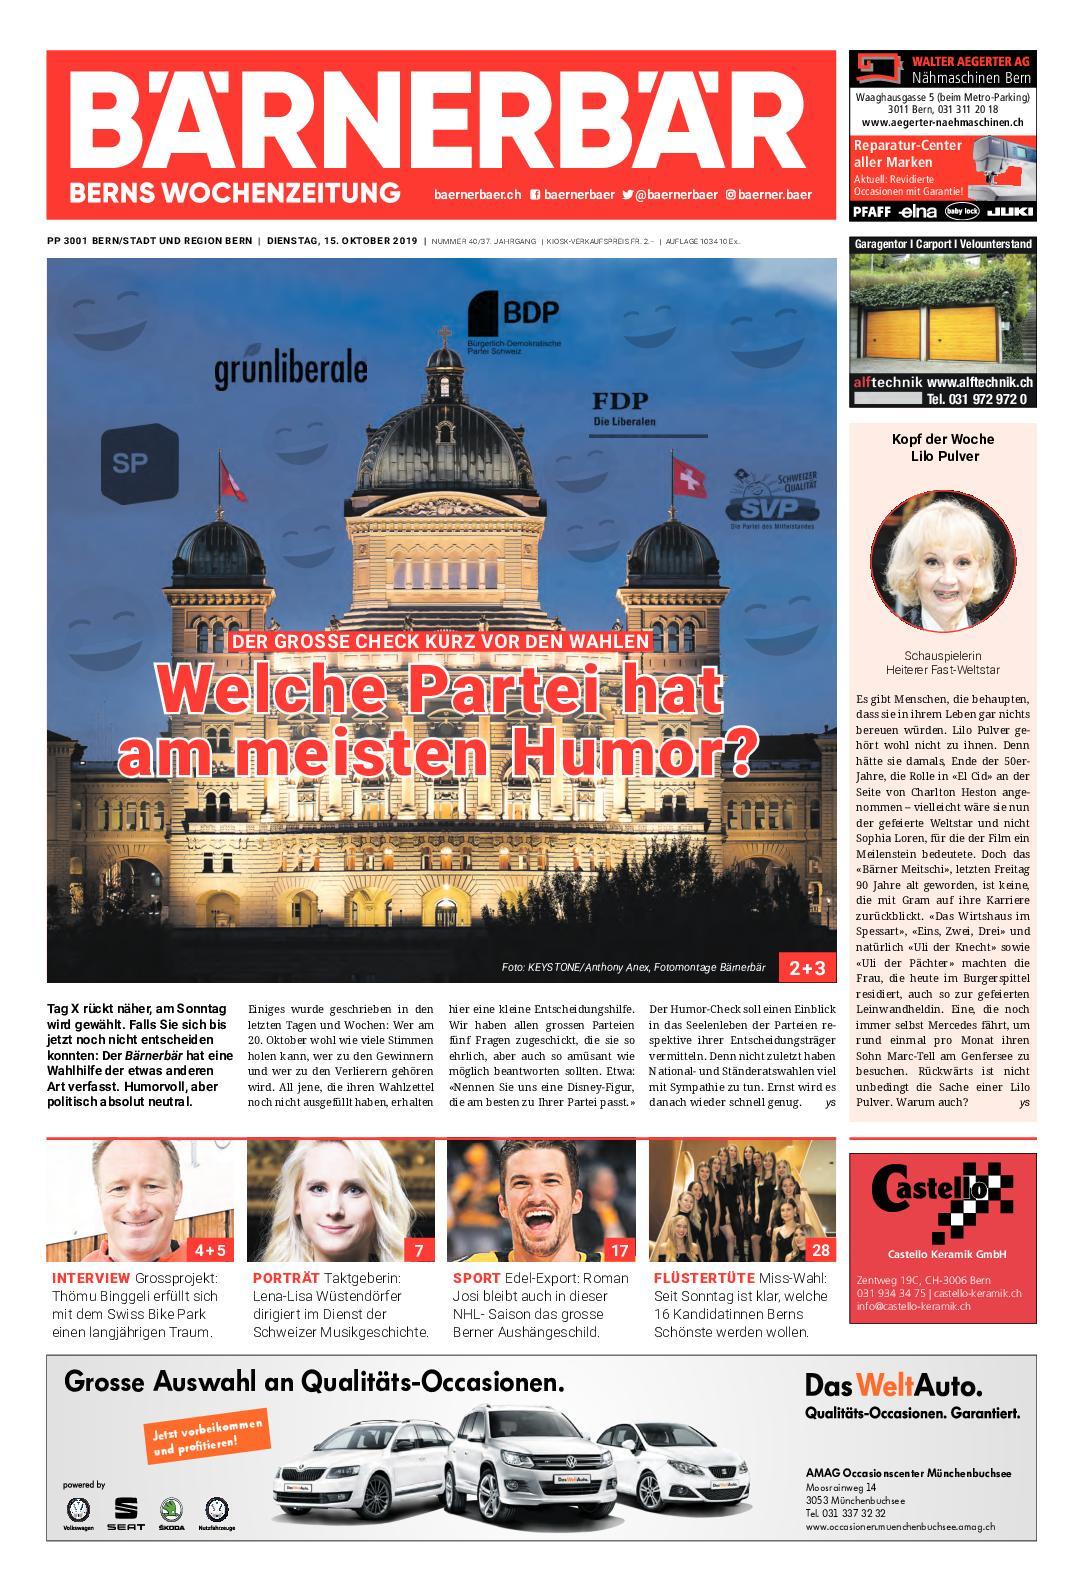 Singles in Deutschland nach Geschlecht 2019 | Statista